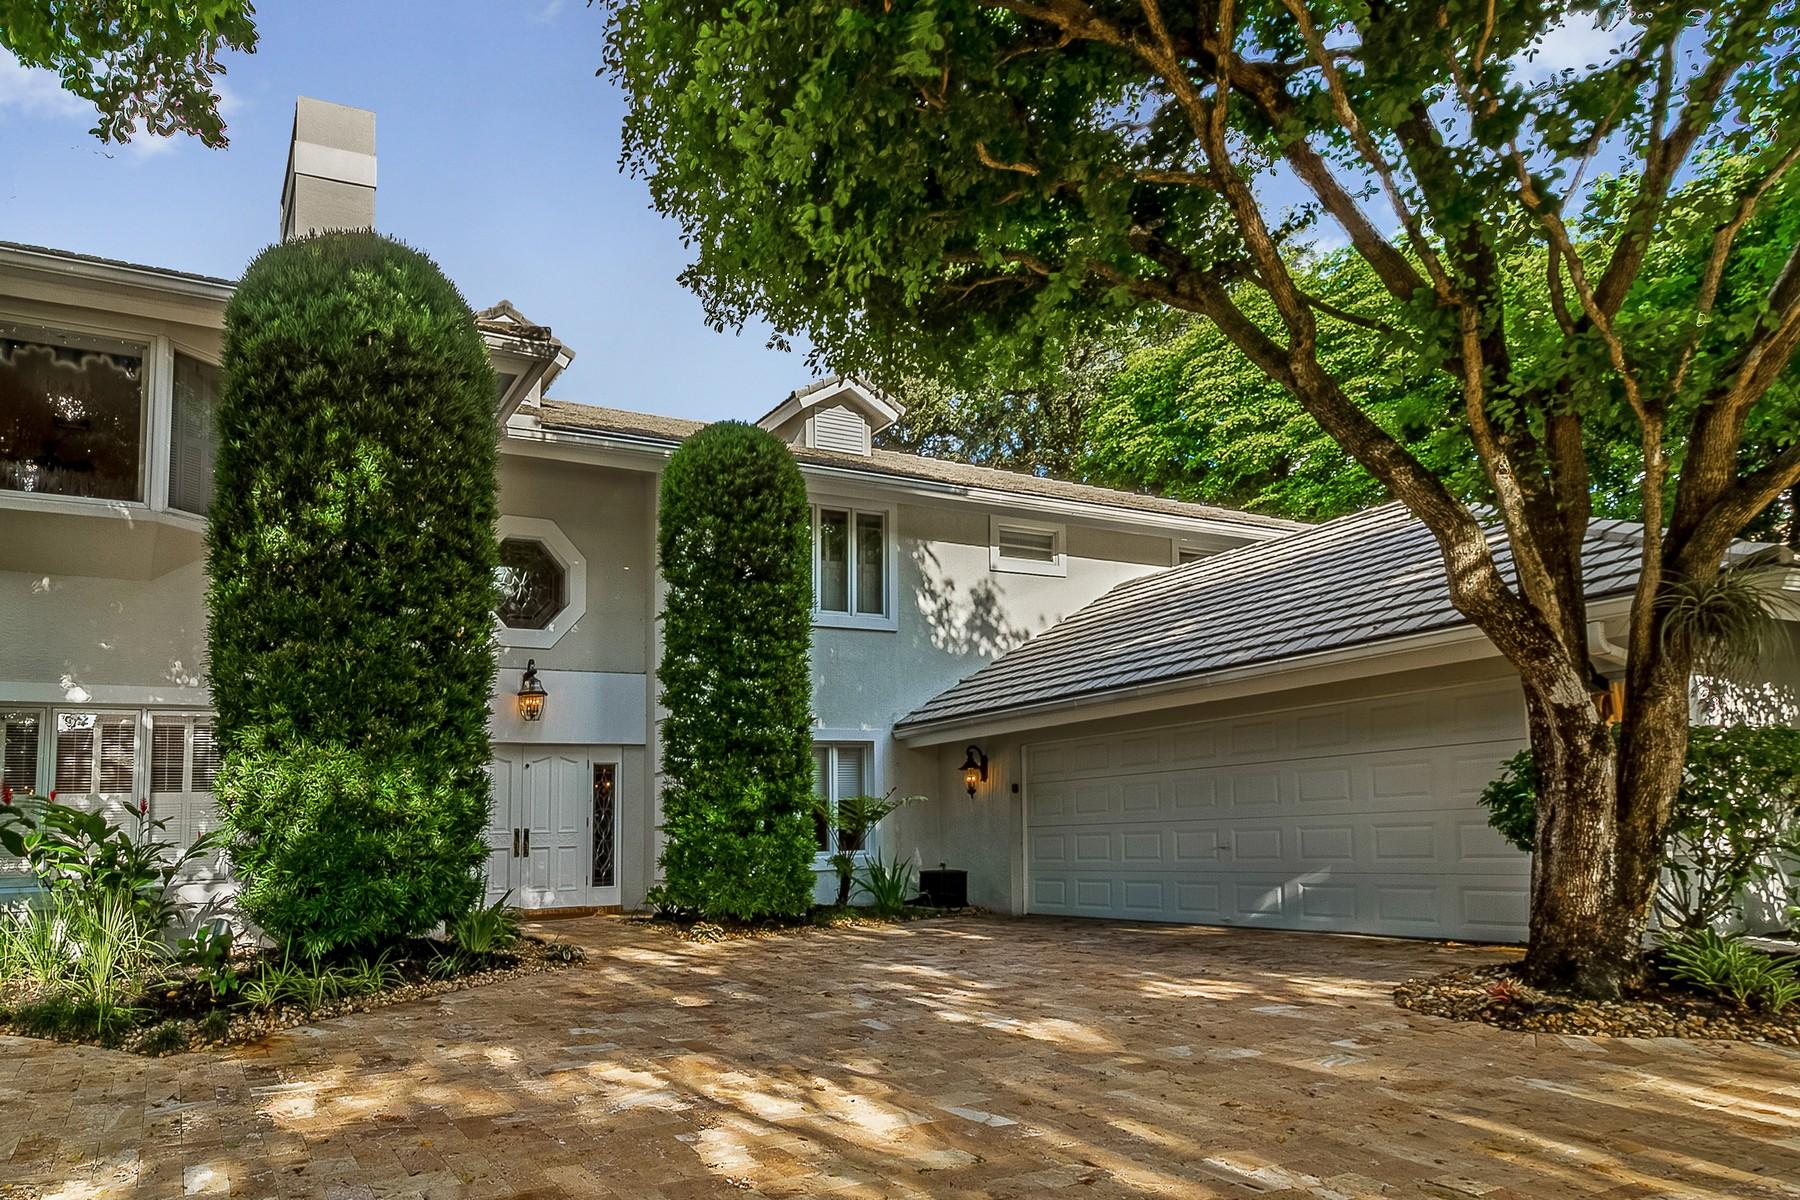 Einfamilienhaus für Verkauf beim 3845 Kings Way , Boca Raton, FL 33434 3845 Kings Way Woodfield Hunt Club, Boca Raton, Florida, 33434 Vereinigte Staaten